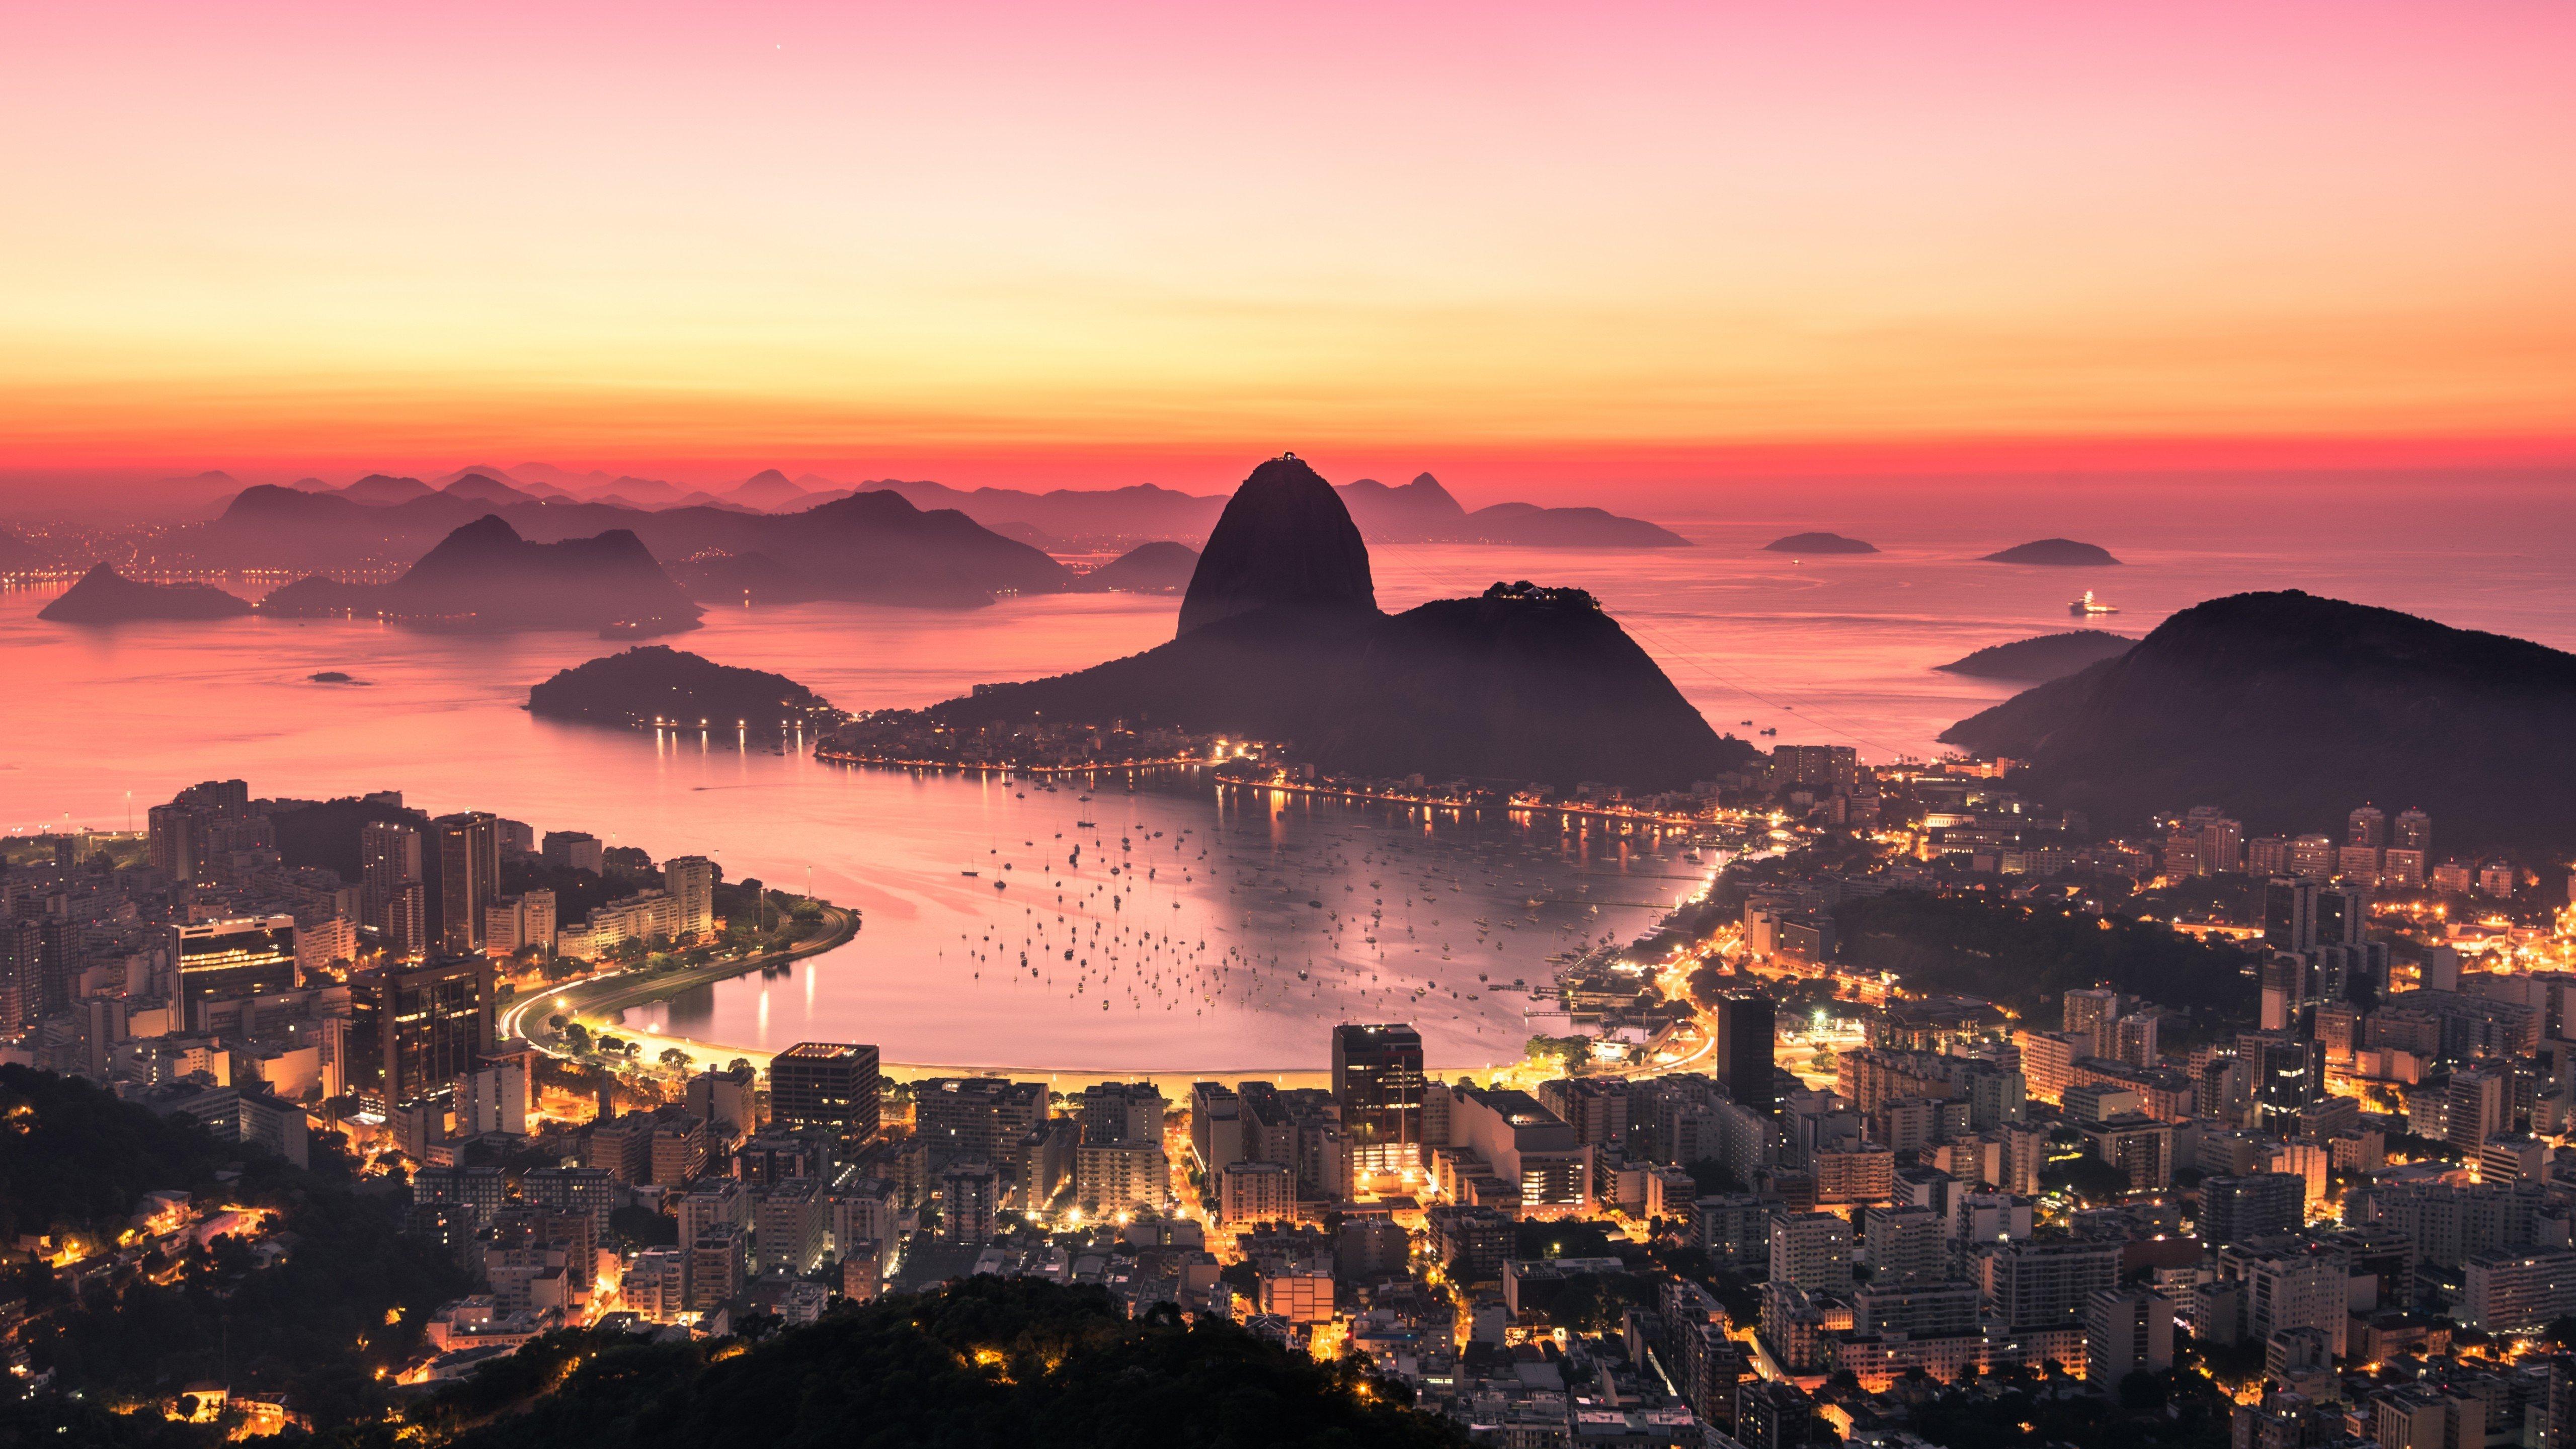 Fondos de pantalla Amanecer en Rio de Janeiro